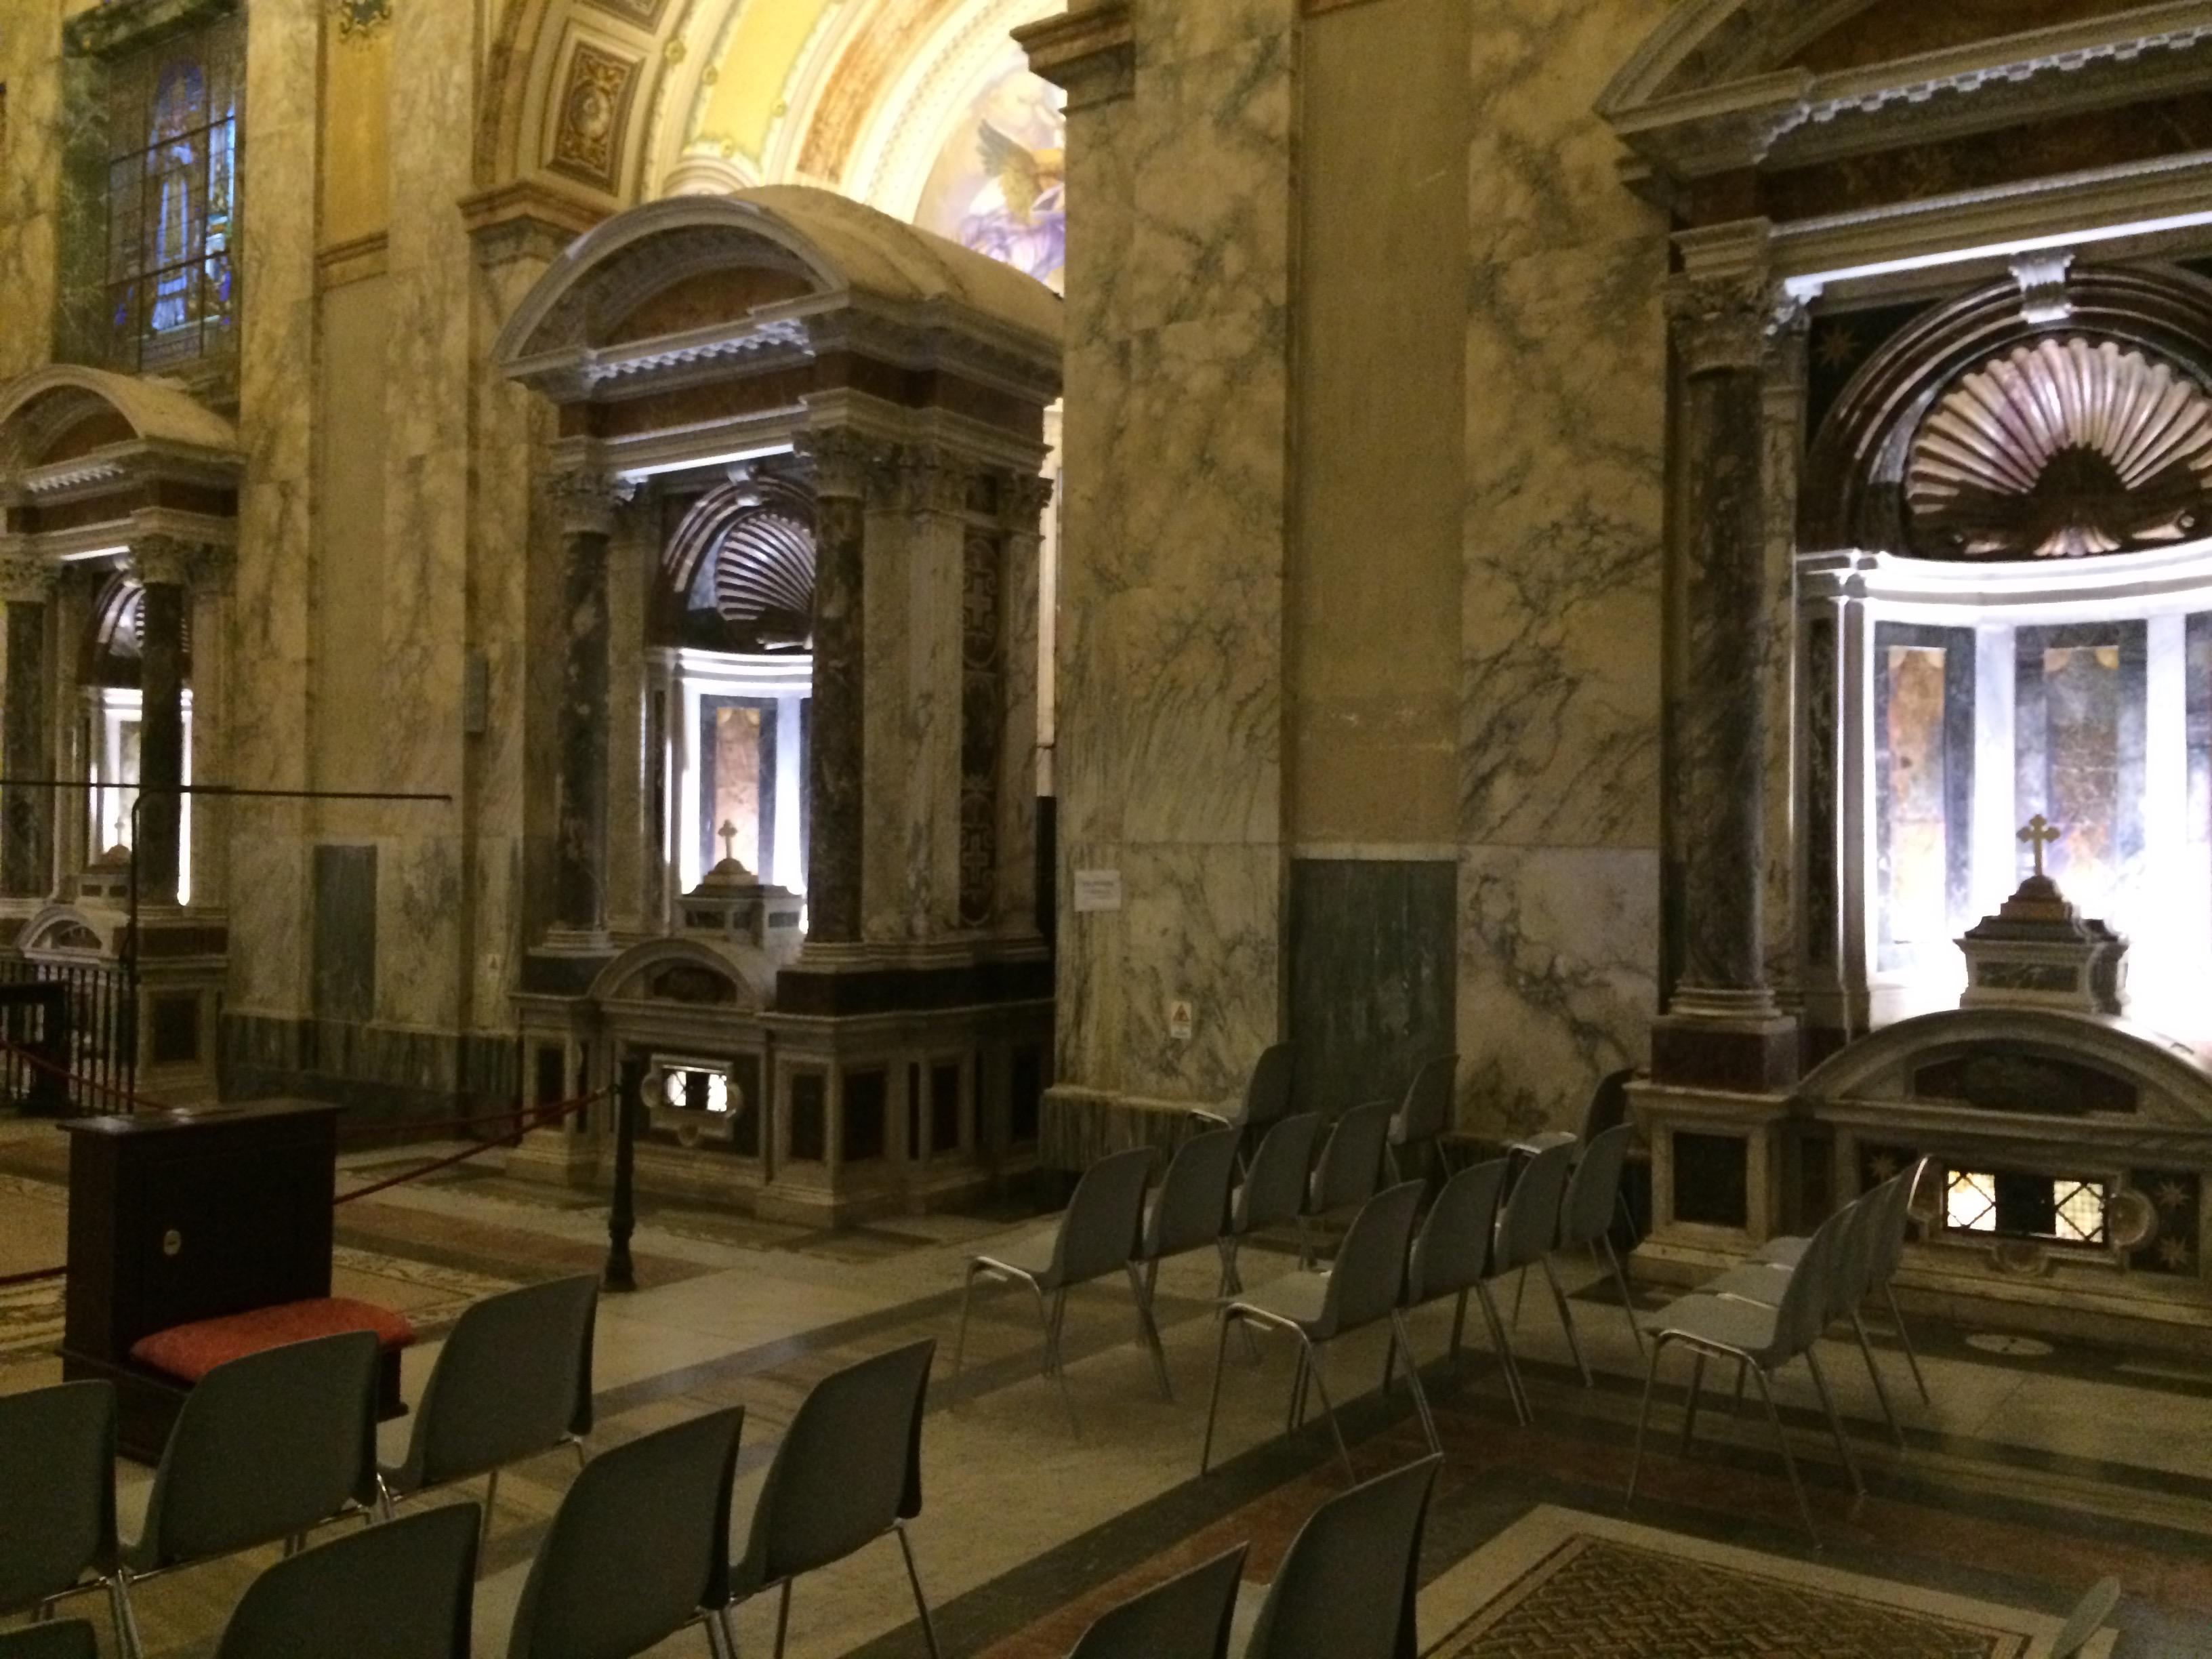 Stupňovité riešenie priečnej kompozície chrámového priestoru v San Paolo alle Tre Fontane späté s rôznou výškou troch prameňov